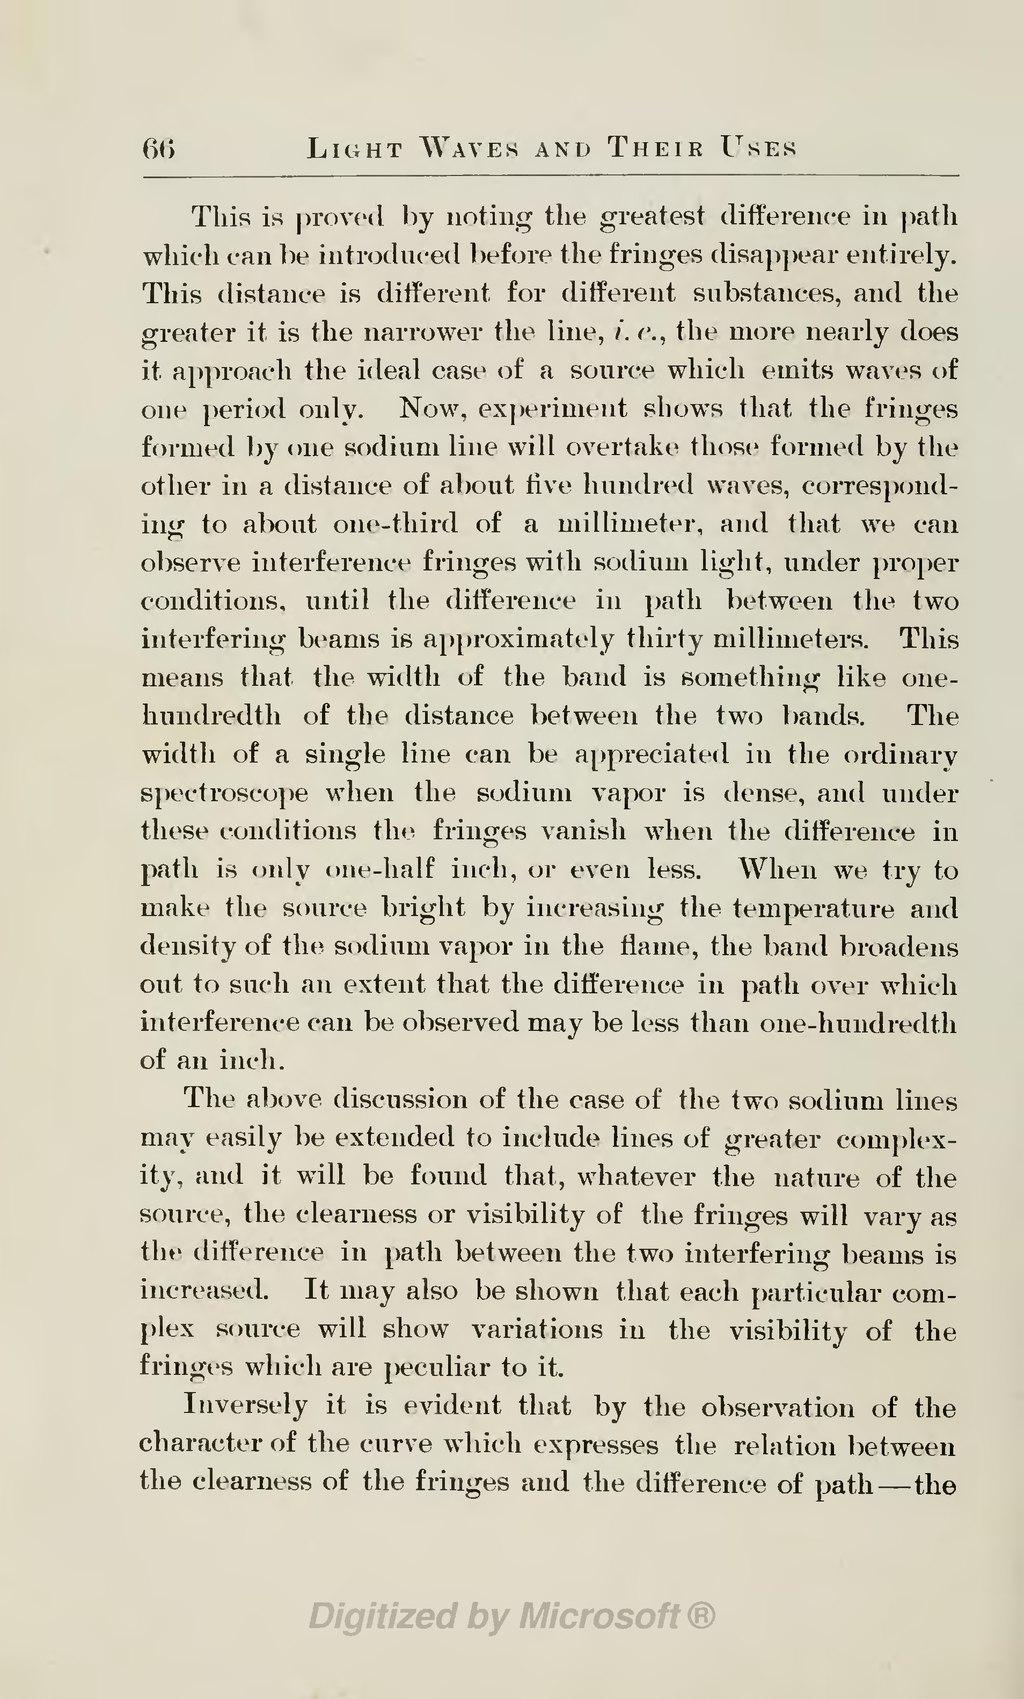 Persuavive essay about jean paul sartre